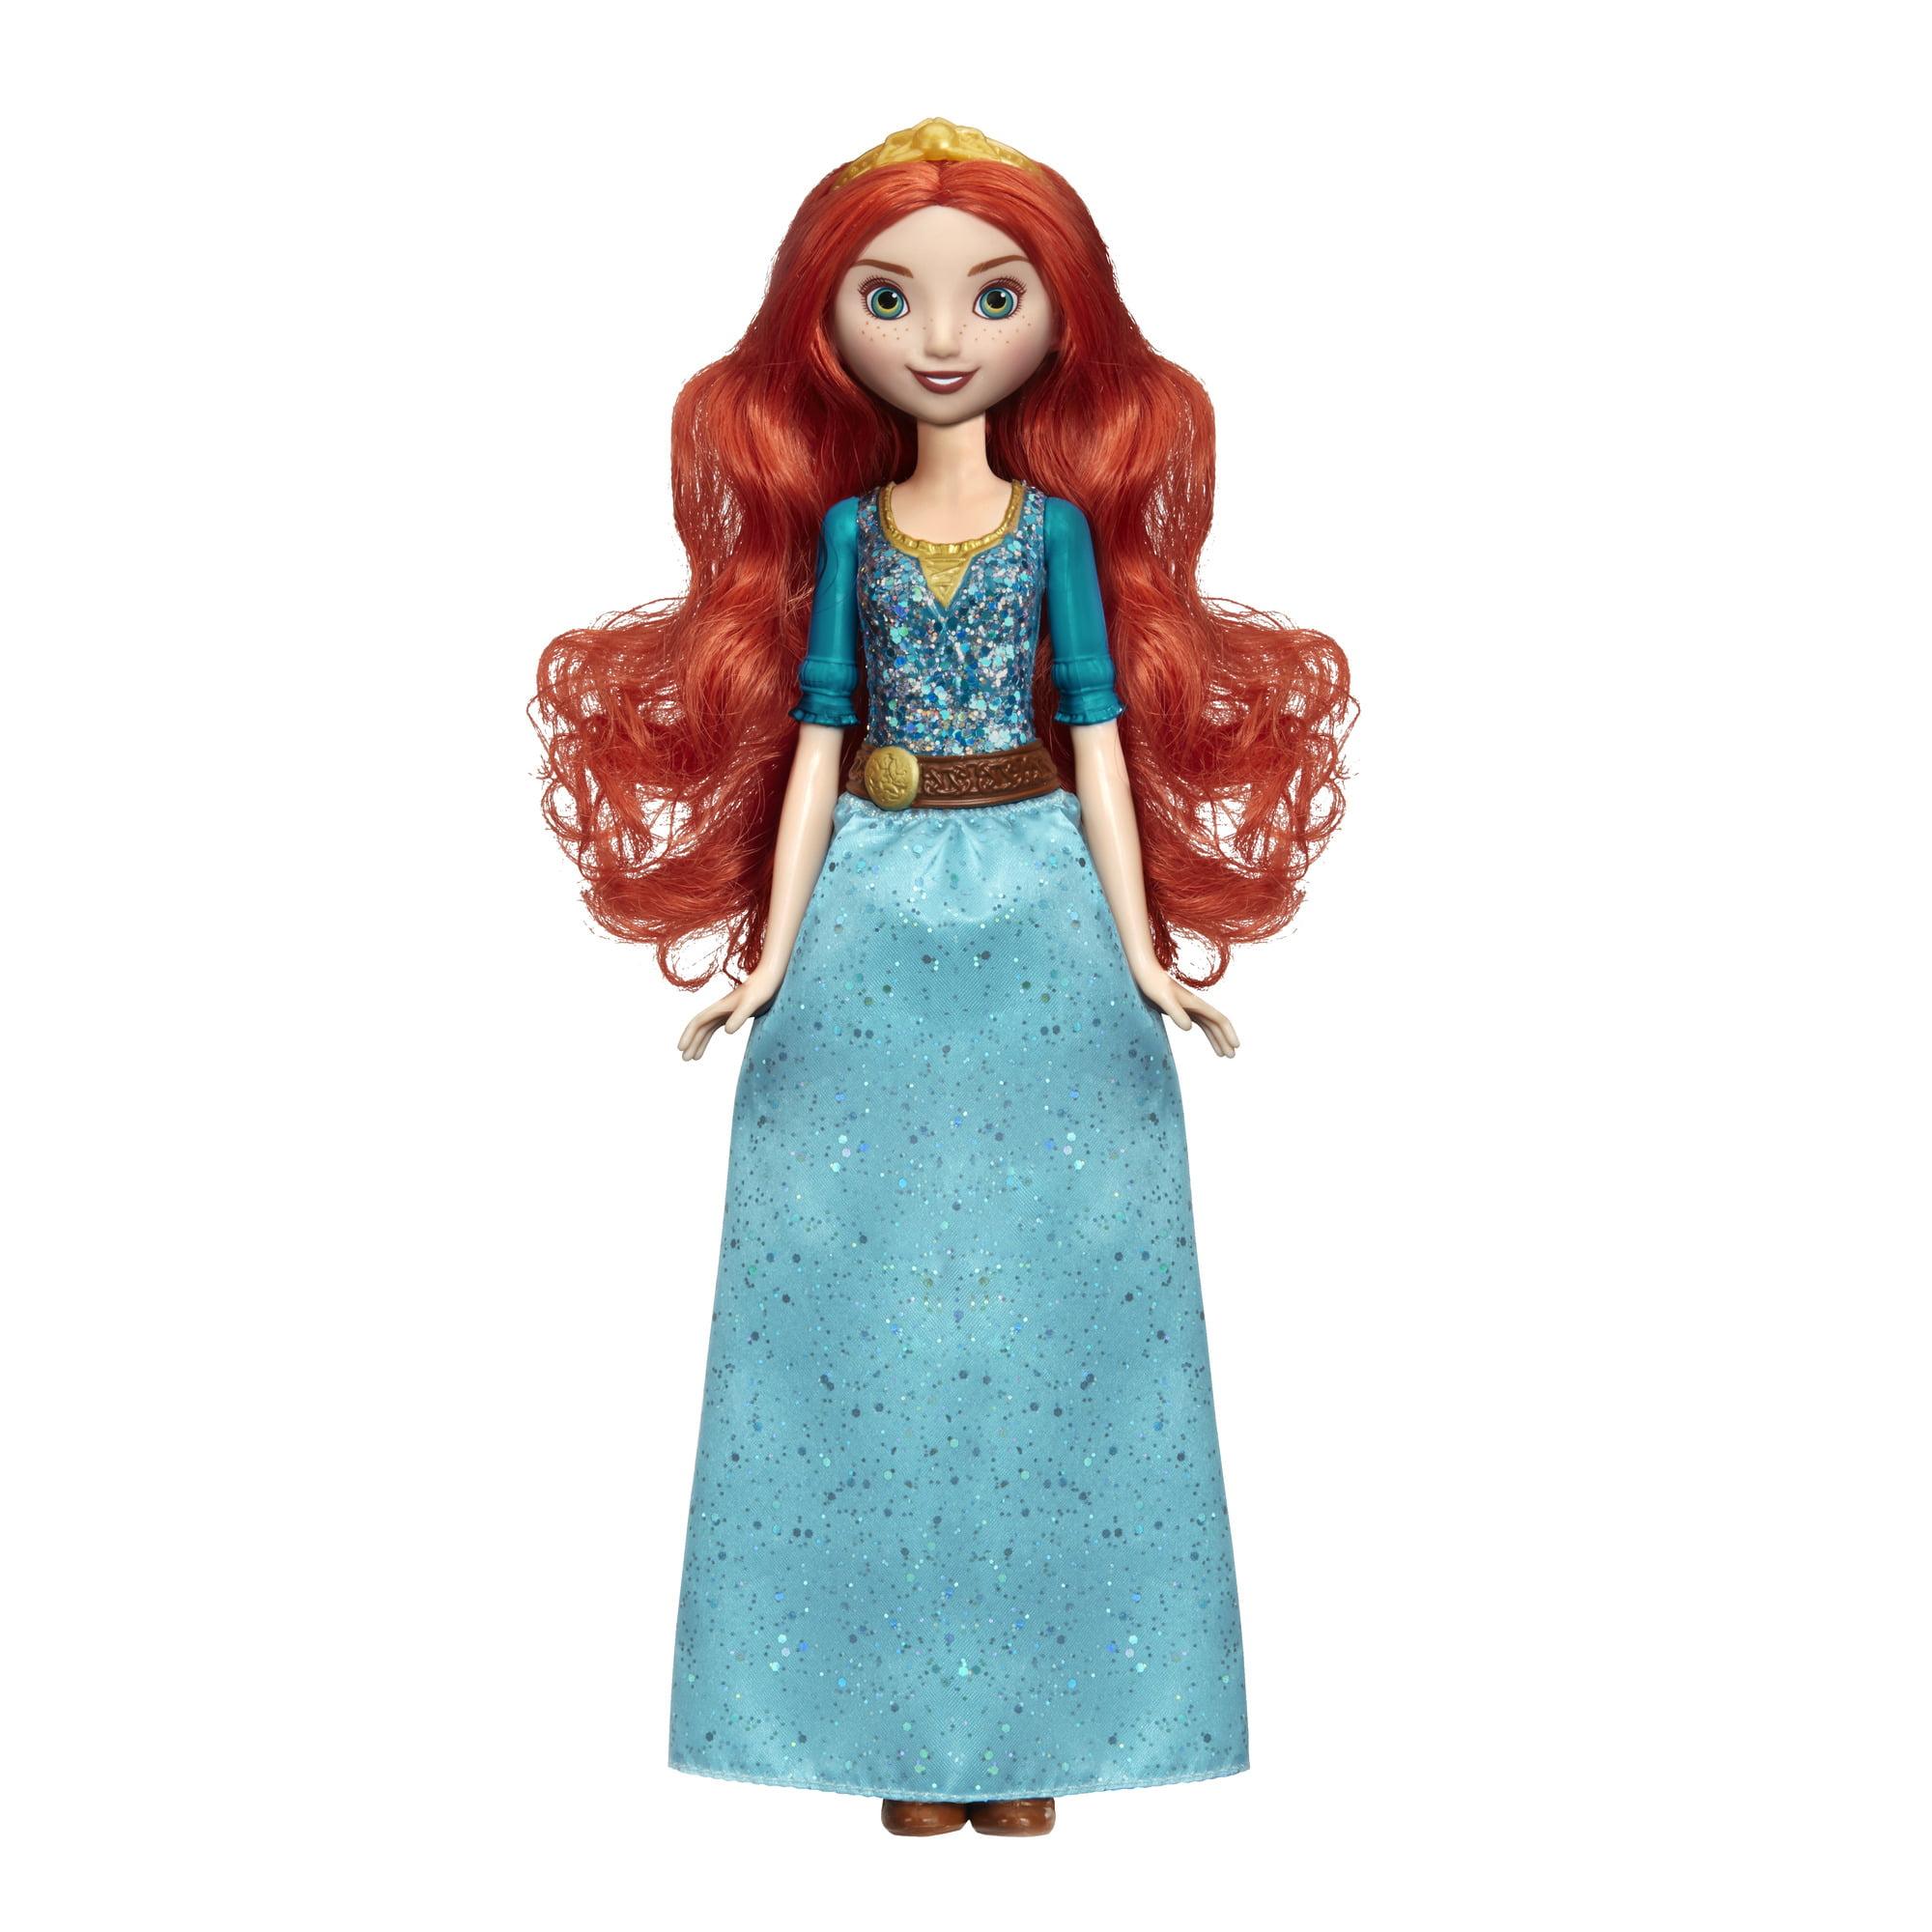 Disney Princess Royal Shimmer Merida, Ages 3 and up